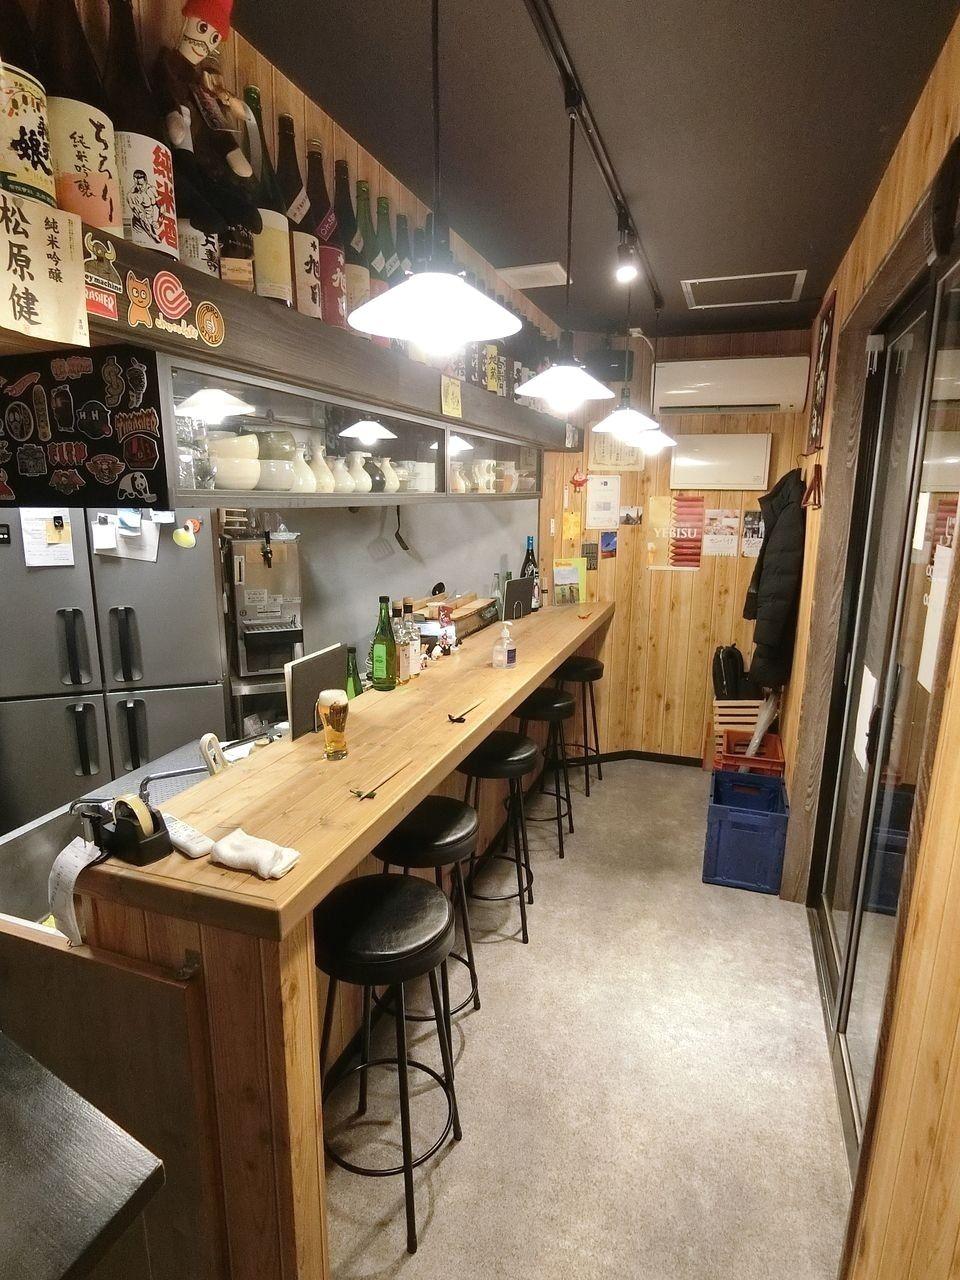 板橋区大山金井町の居酒屋「なかどり」